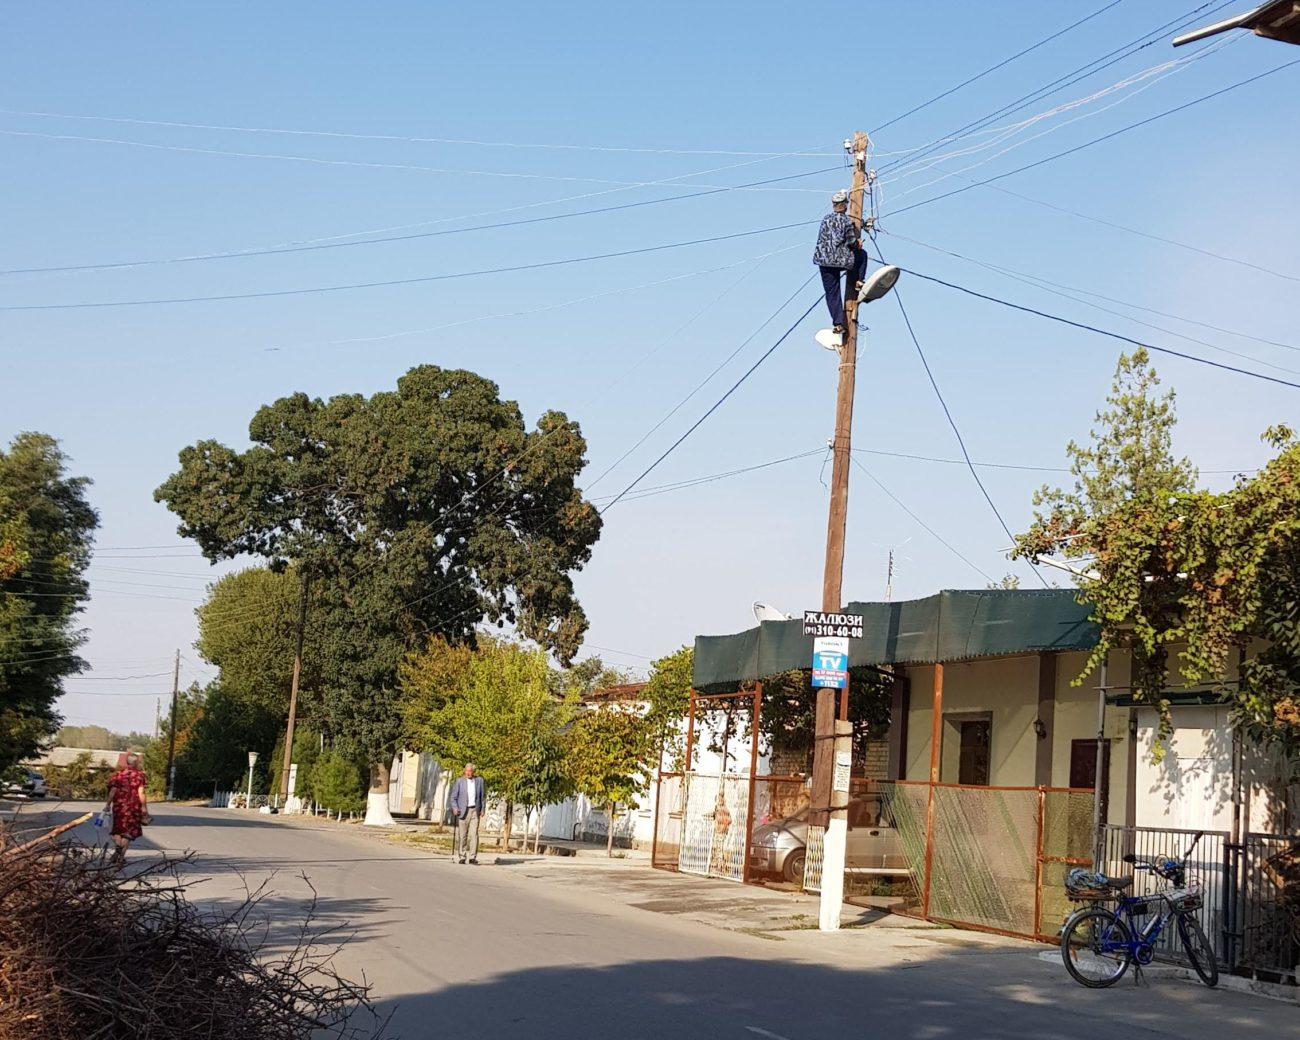 Gaz Ouzbékistan Electricité Energie Hiver Temperature